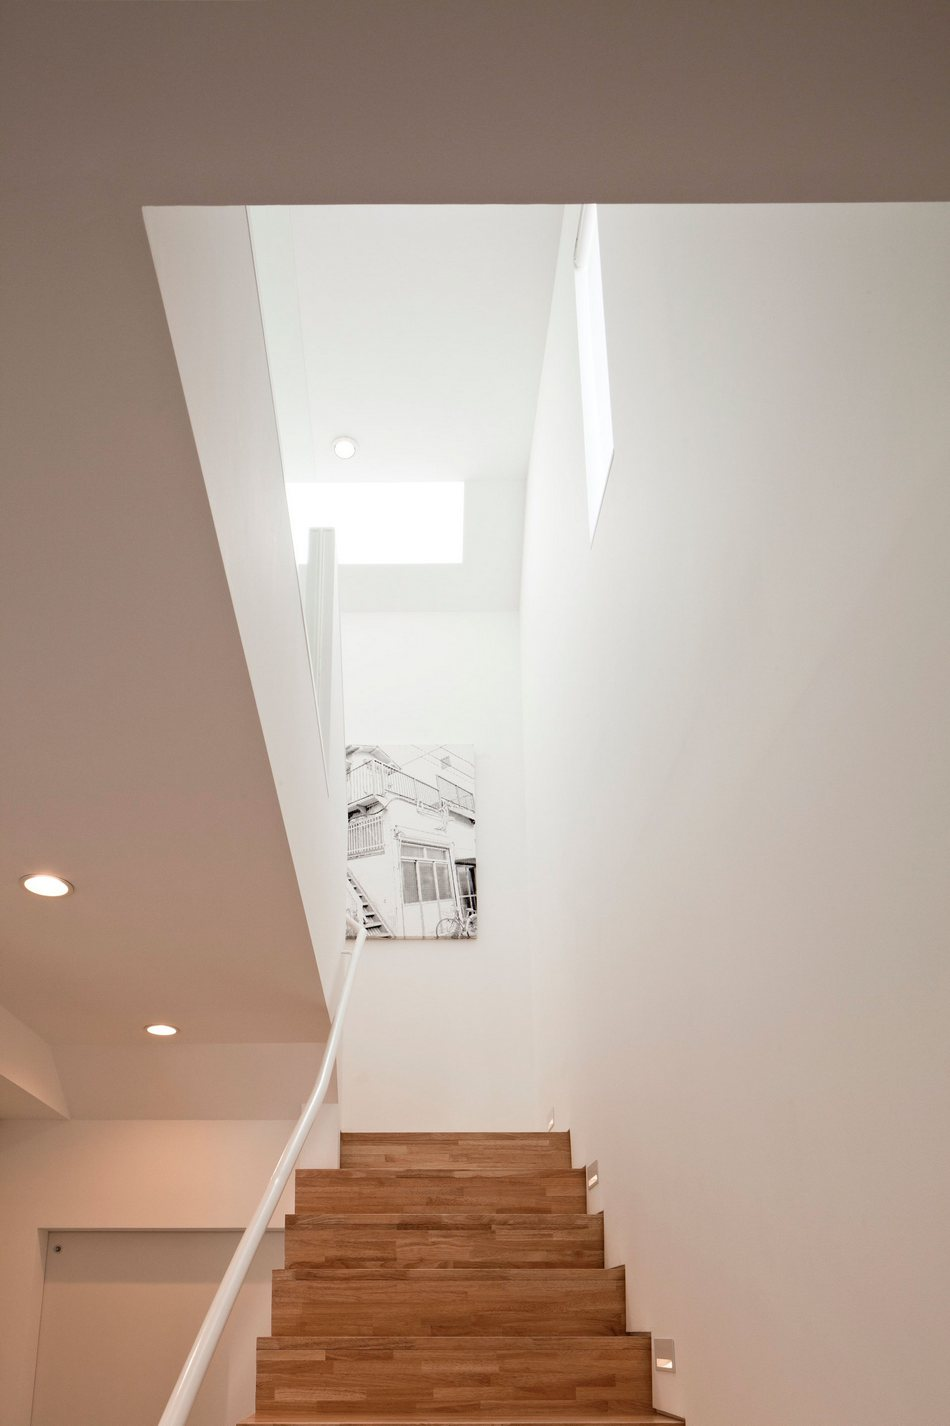 Частный дом Modern Zen Design в Токио